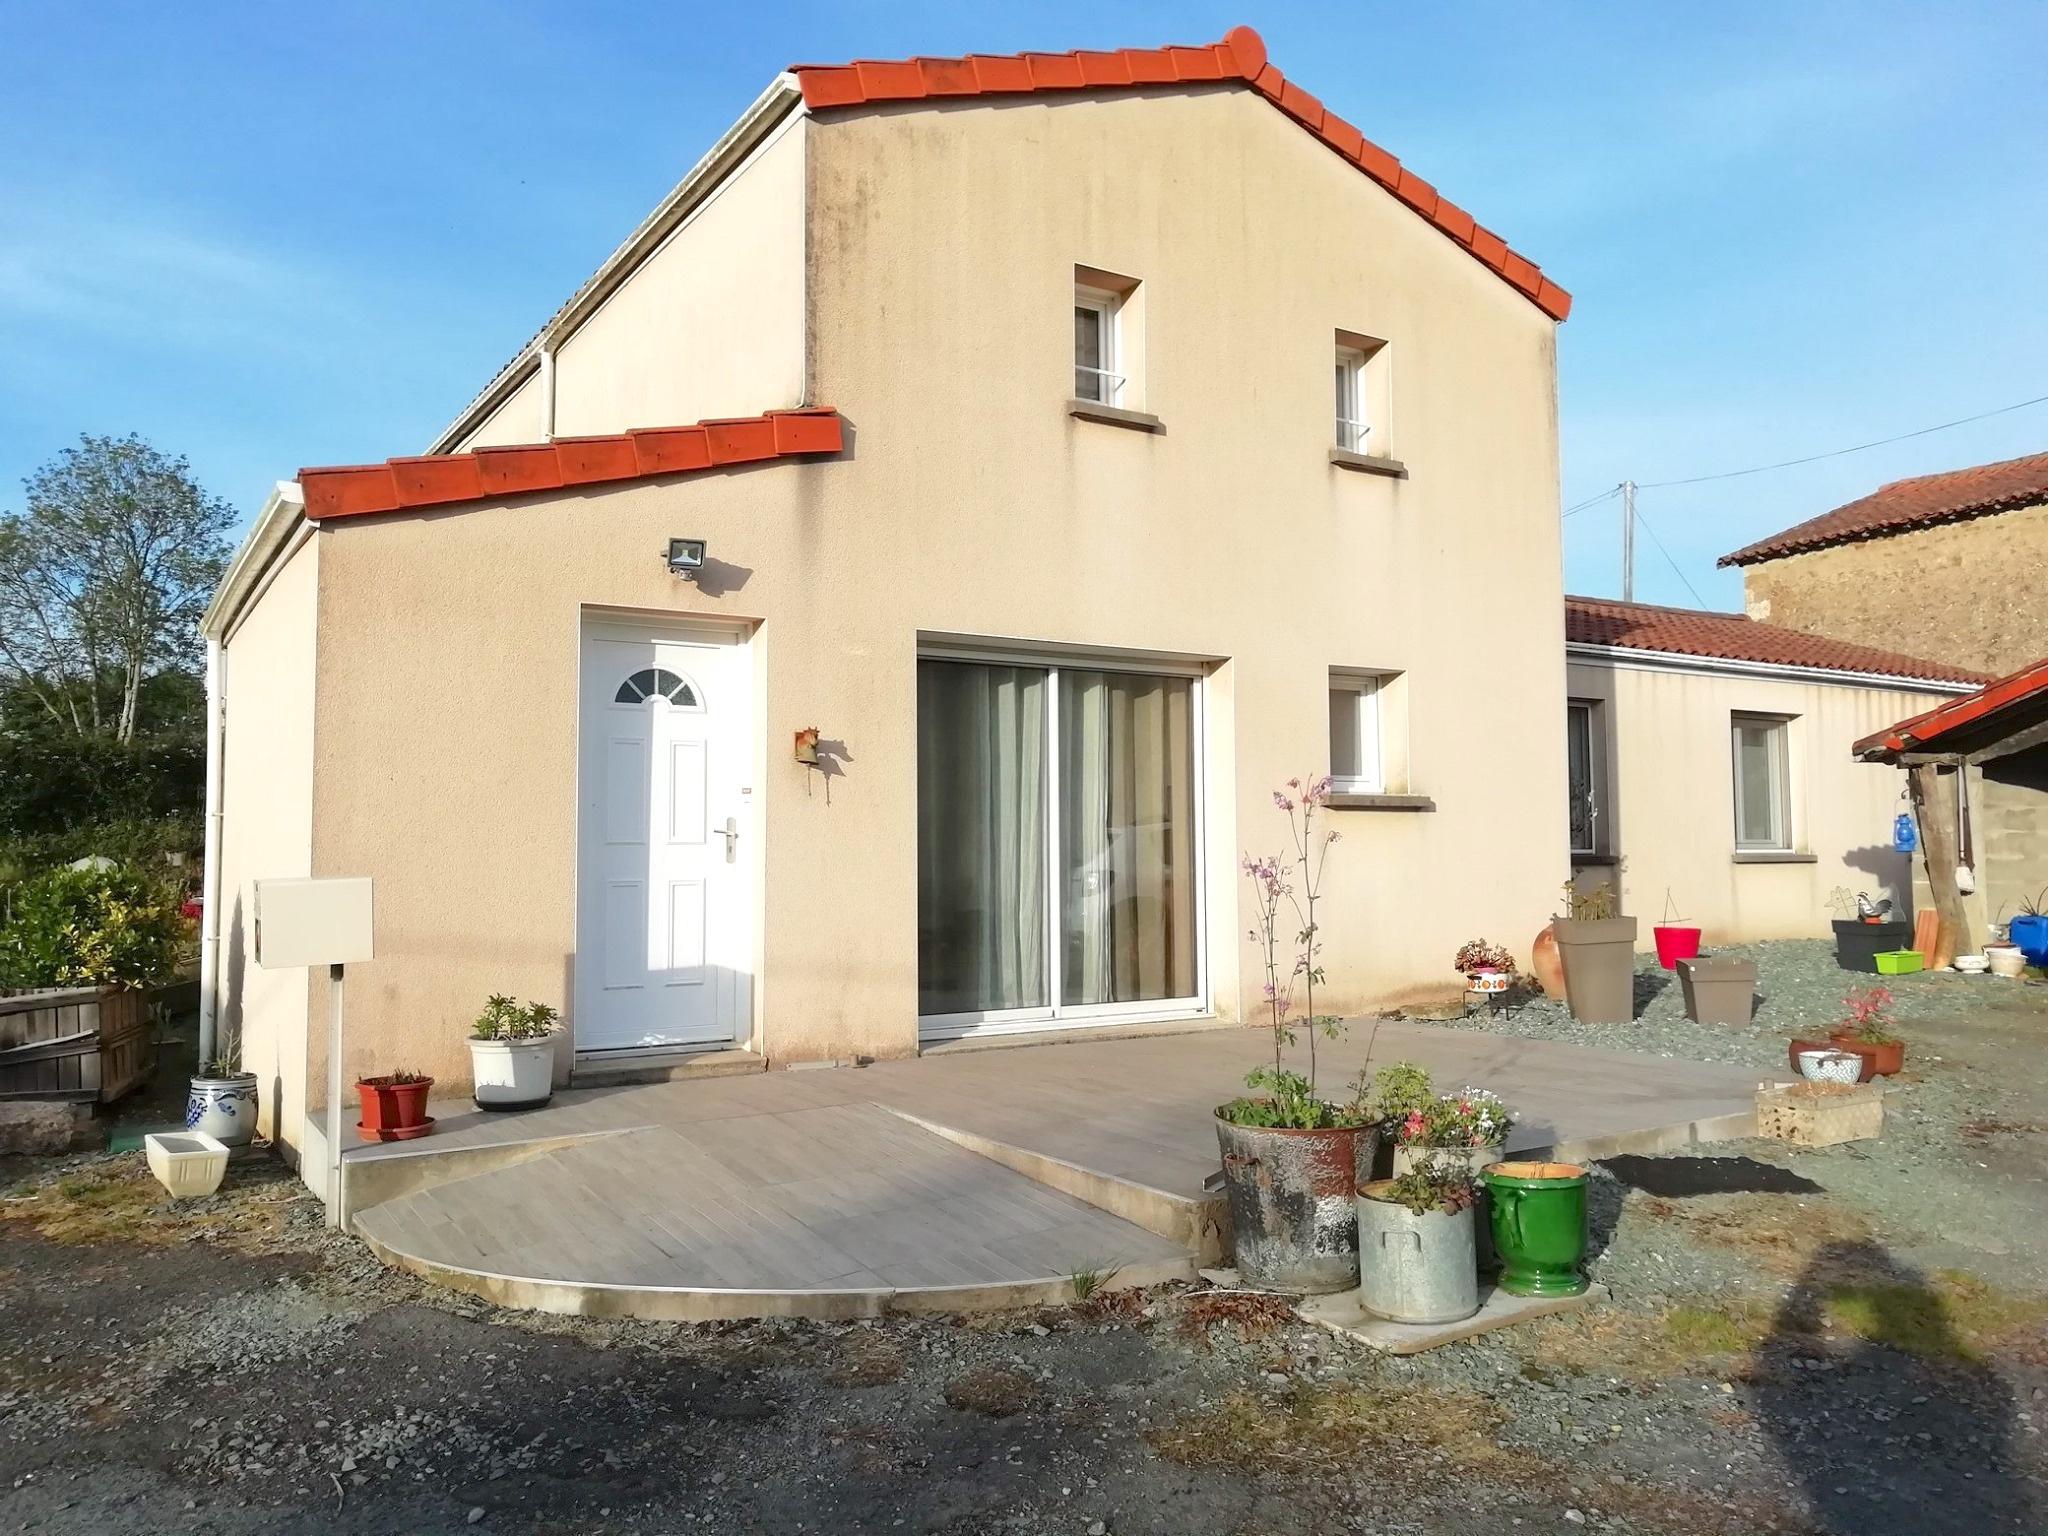 maison villa vente france m tres carr s 134 dans le domaine de 79 deux sevres ref vsa1339